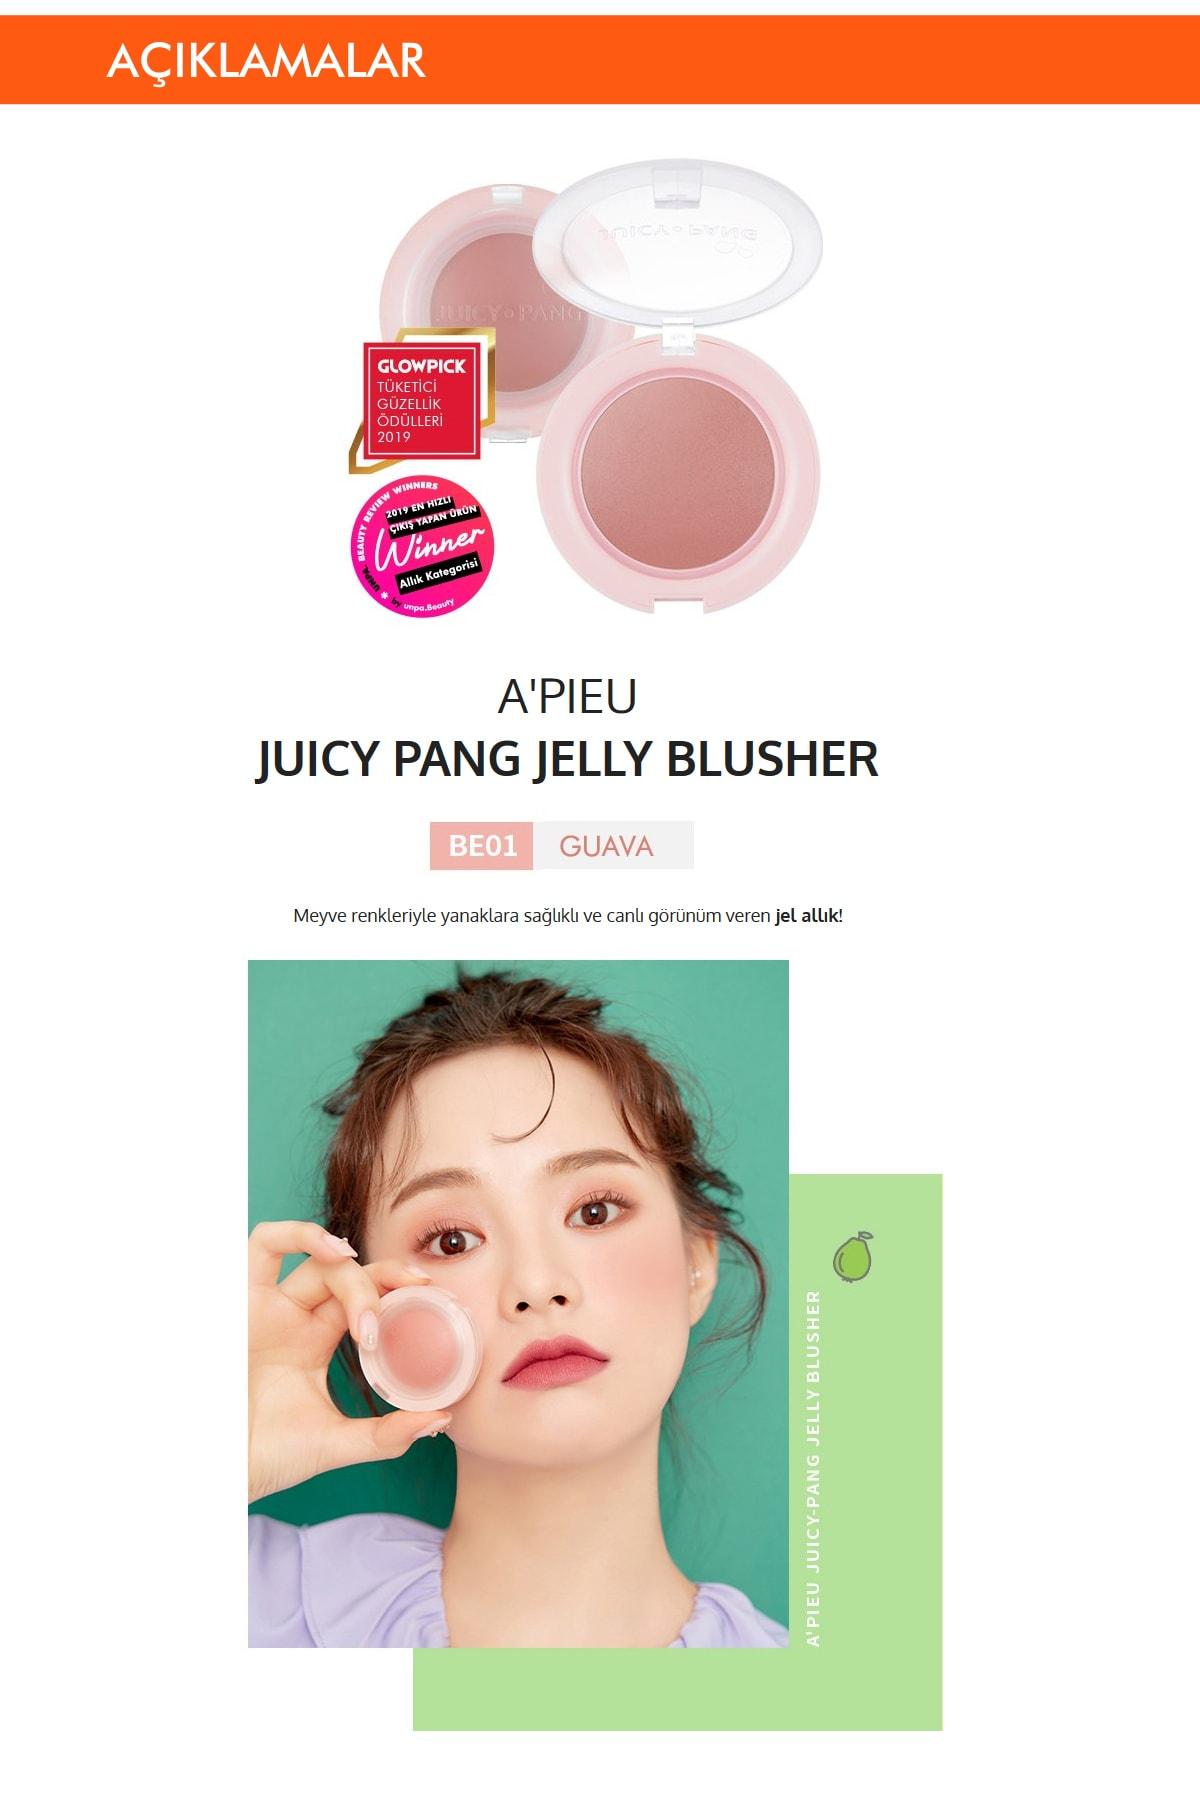 Missha Meyve Tonlarında Doğal Görünümlü Jel Allık APIEU Juicy-Pang Jelly Blusher (BE01) 1